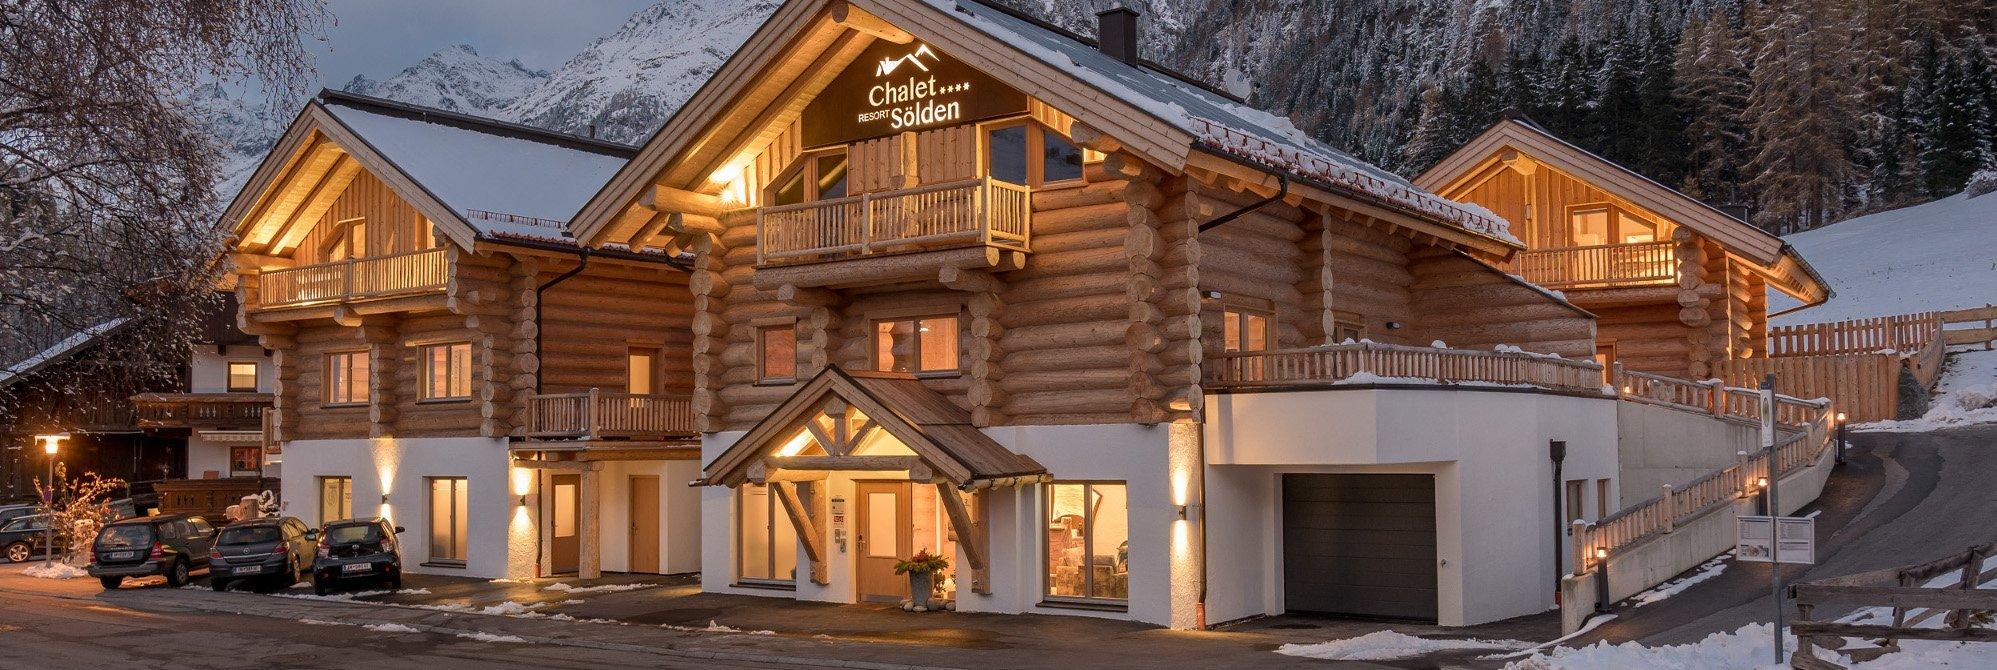 home chalet resort s lden. Black Bedroom Furniture Sets. Home Design Ideas